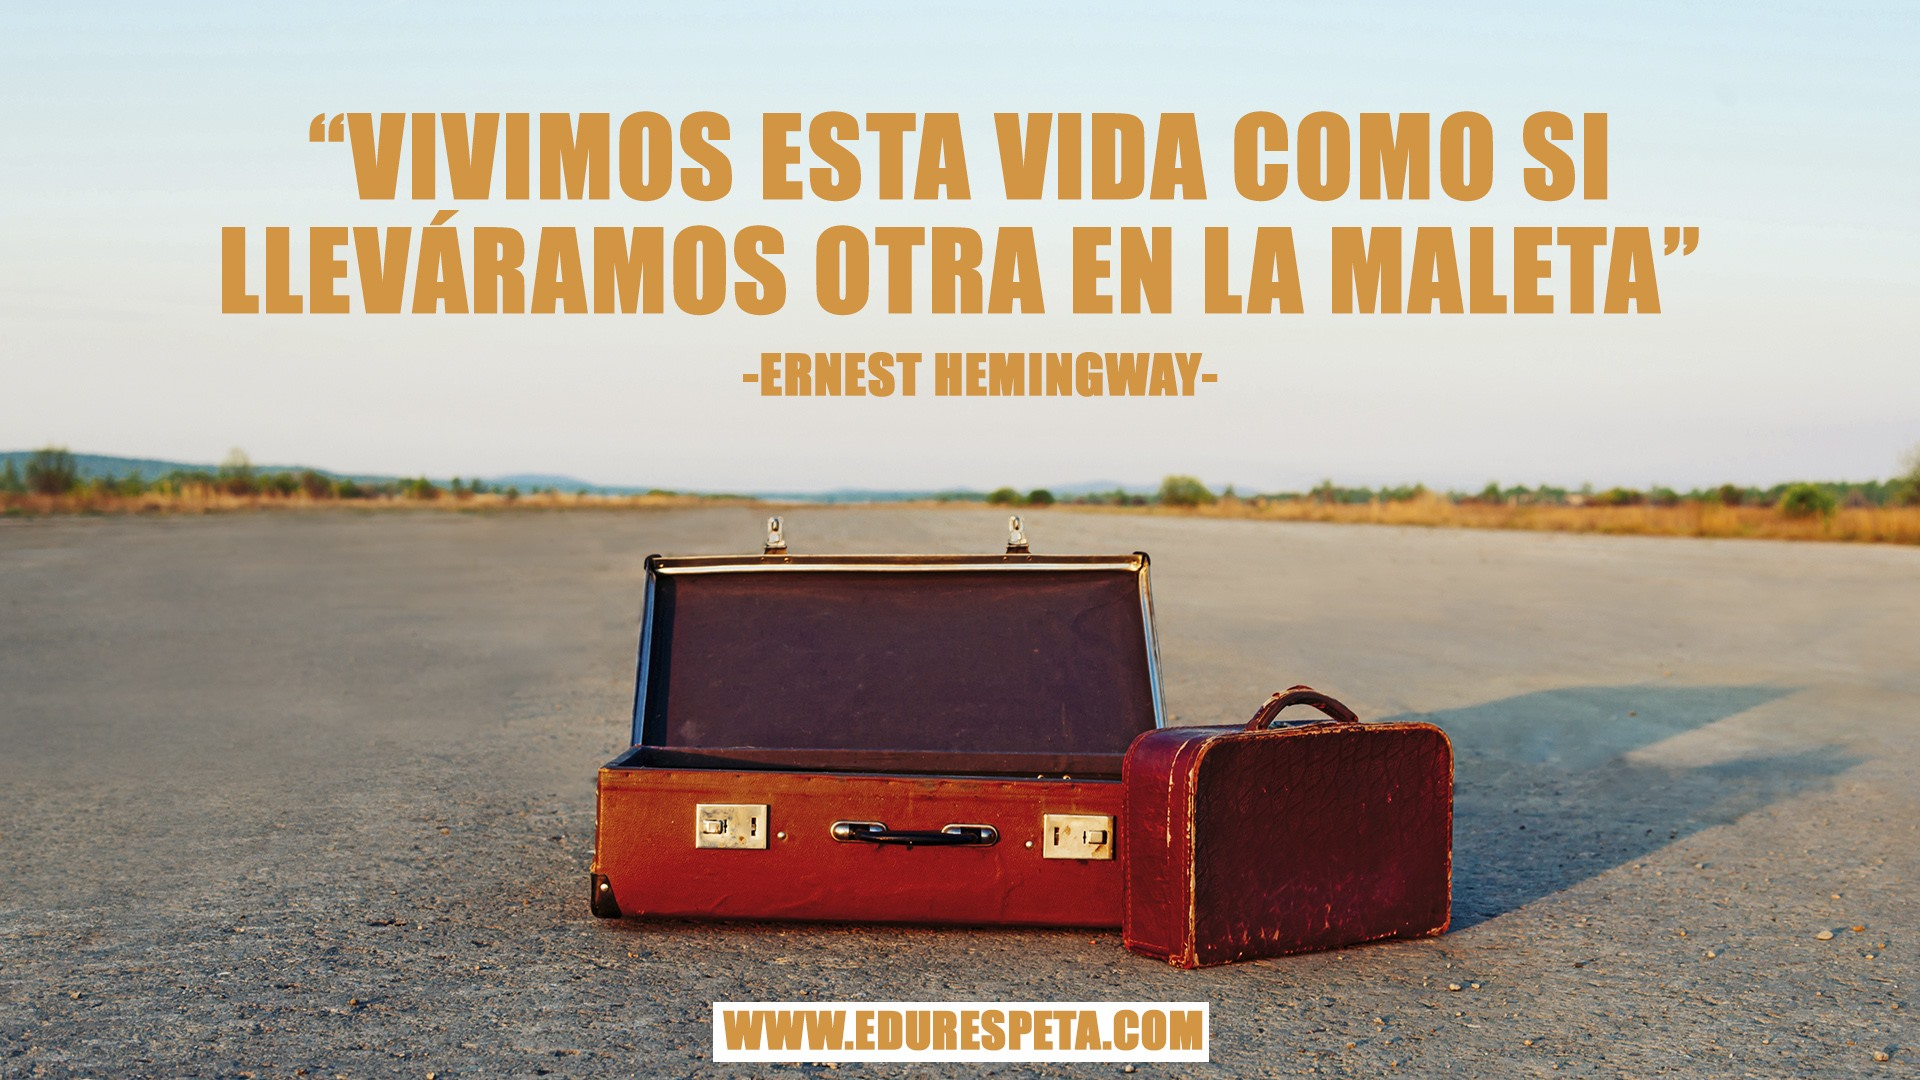 Vivimos esta vida como si lleváramos otra en la maleta